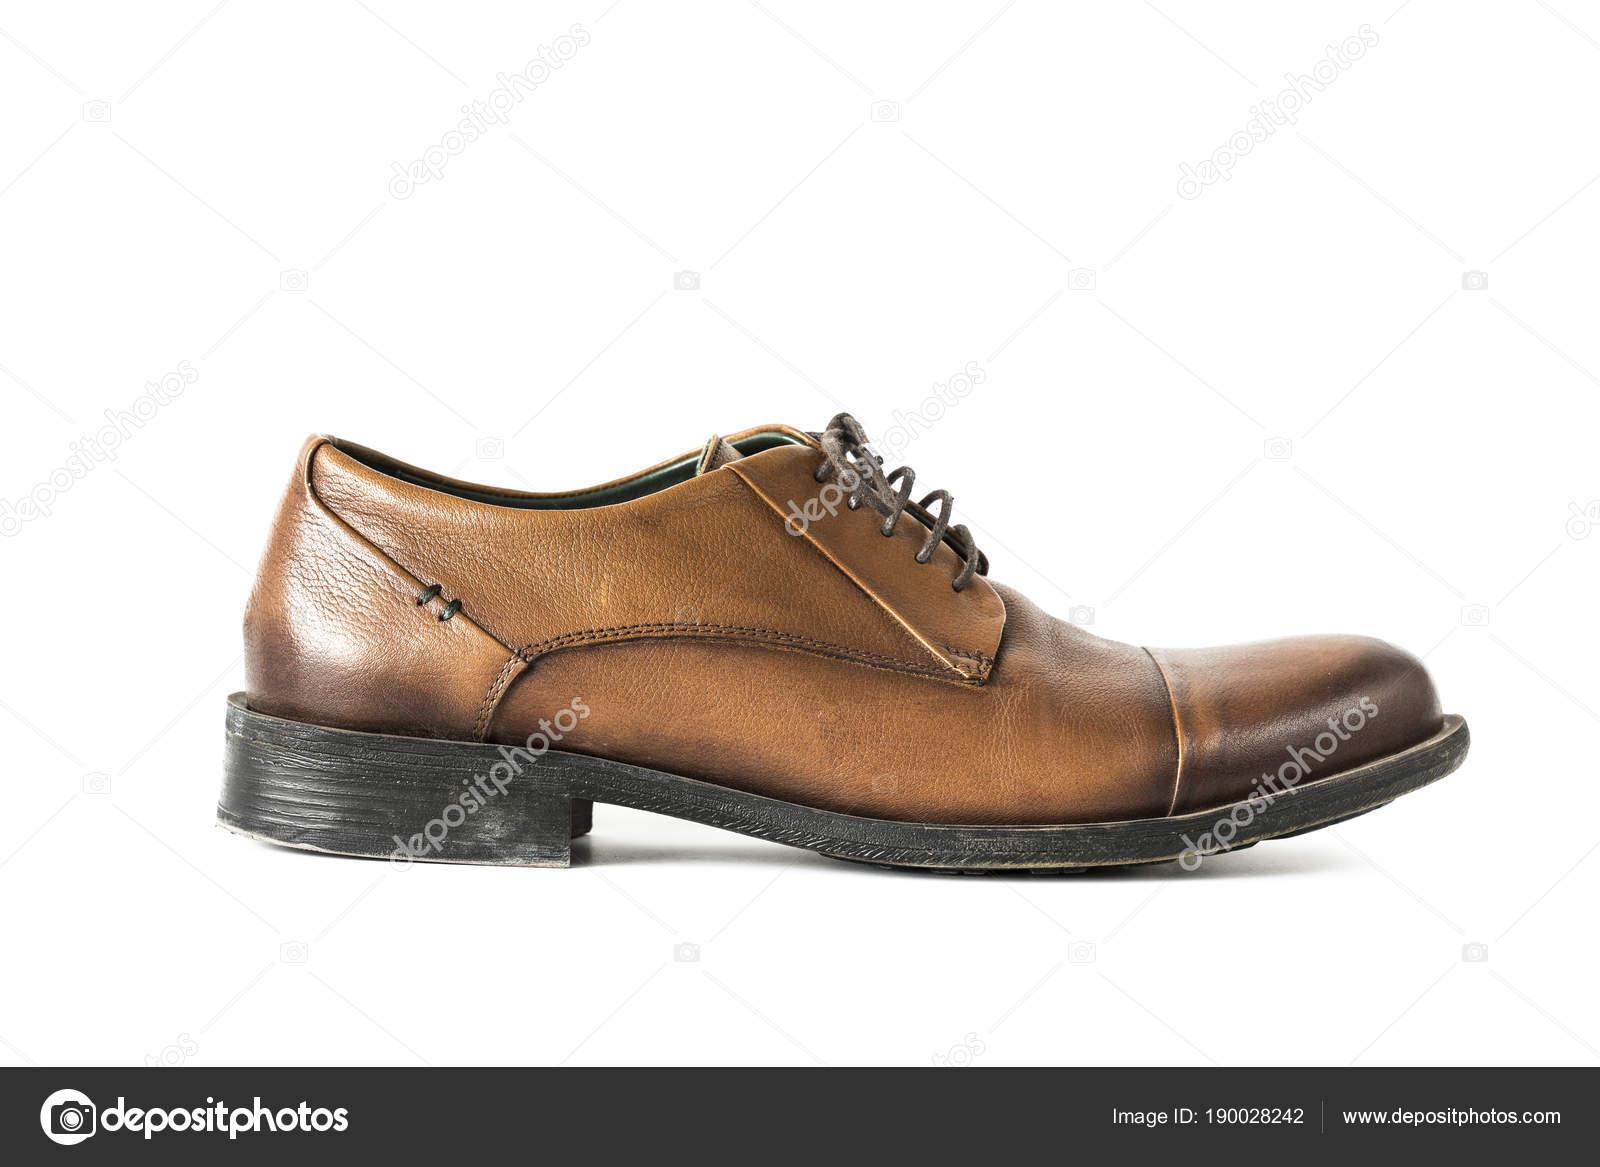 805dc286b7 Zapatos Hombre Casual Cuero Marrón Aislado Fondo Blanco — Fotos de Stock